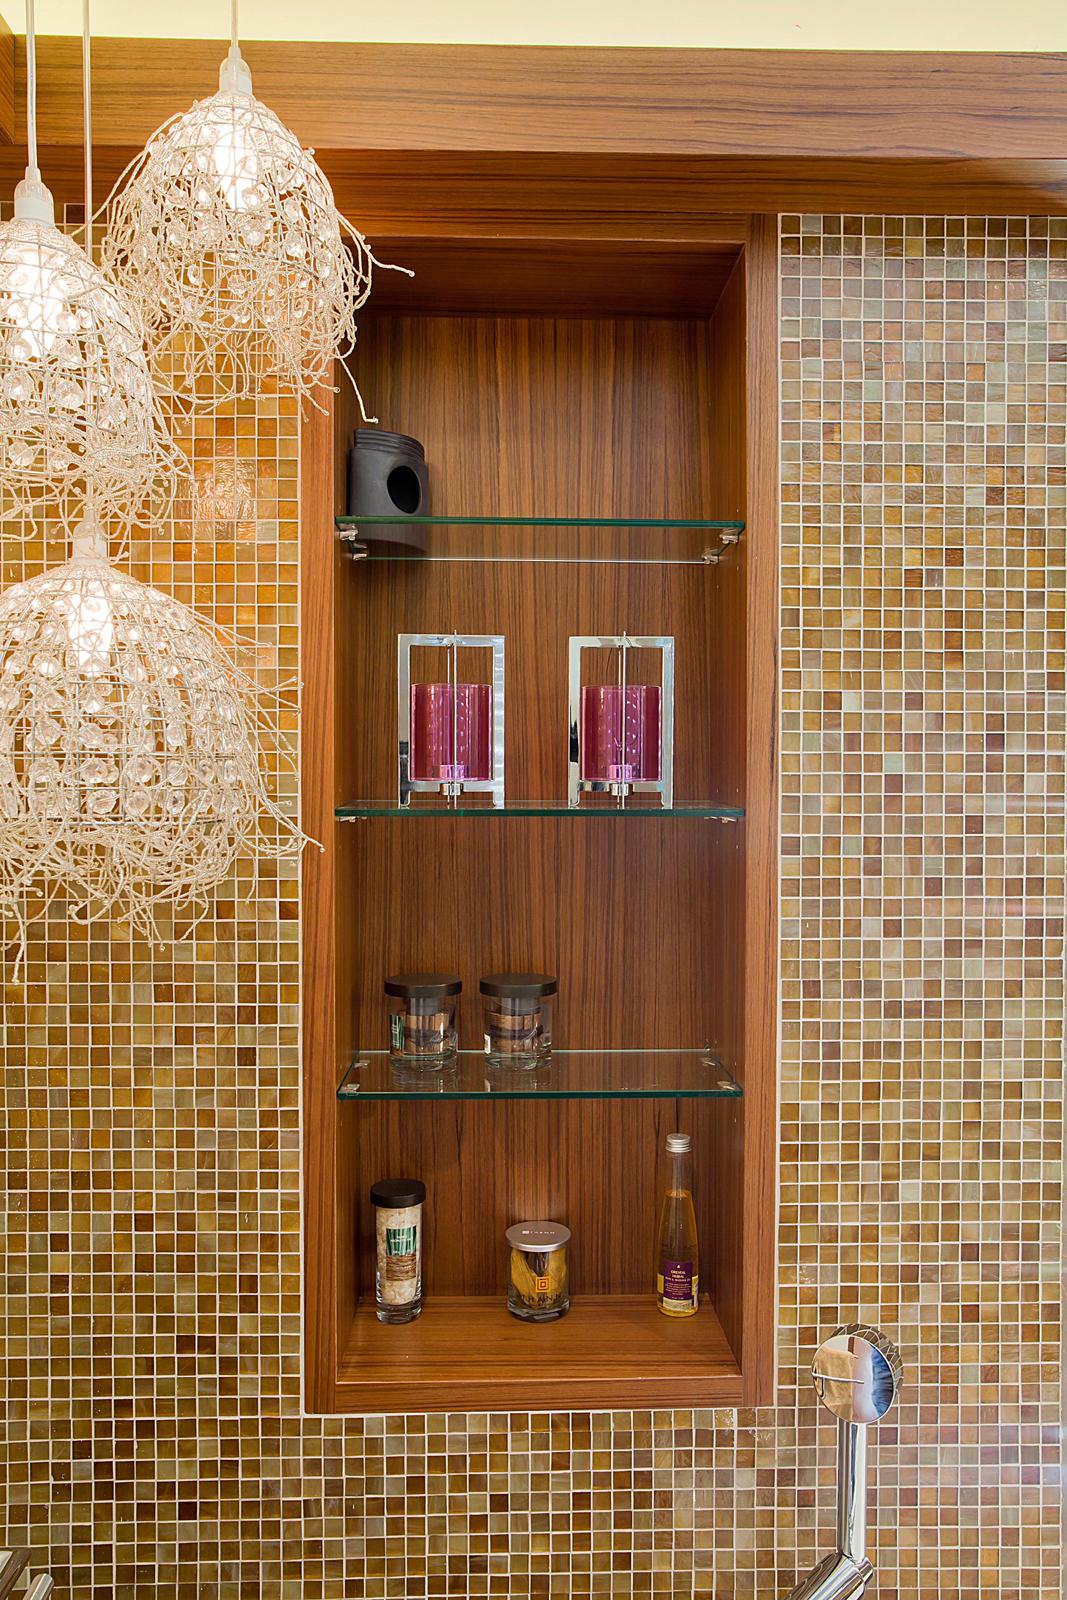 ארון כיור אמבטיה עץ פורניר טיק  דלתות מראה ידית אינטגרלית ארון בנישה נישה מדפי זכוכית